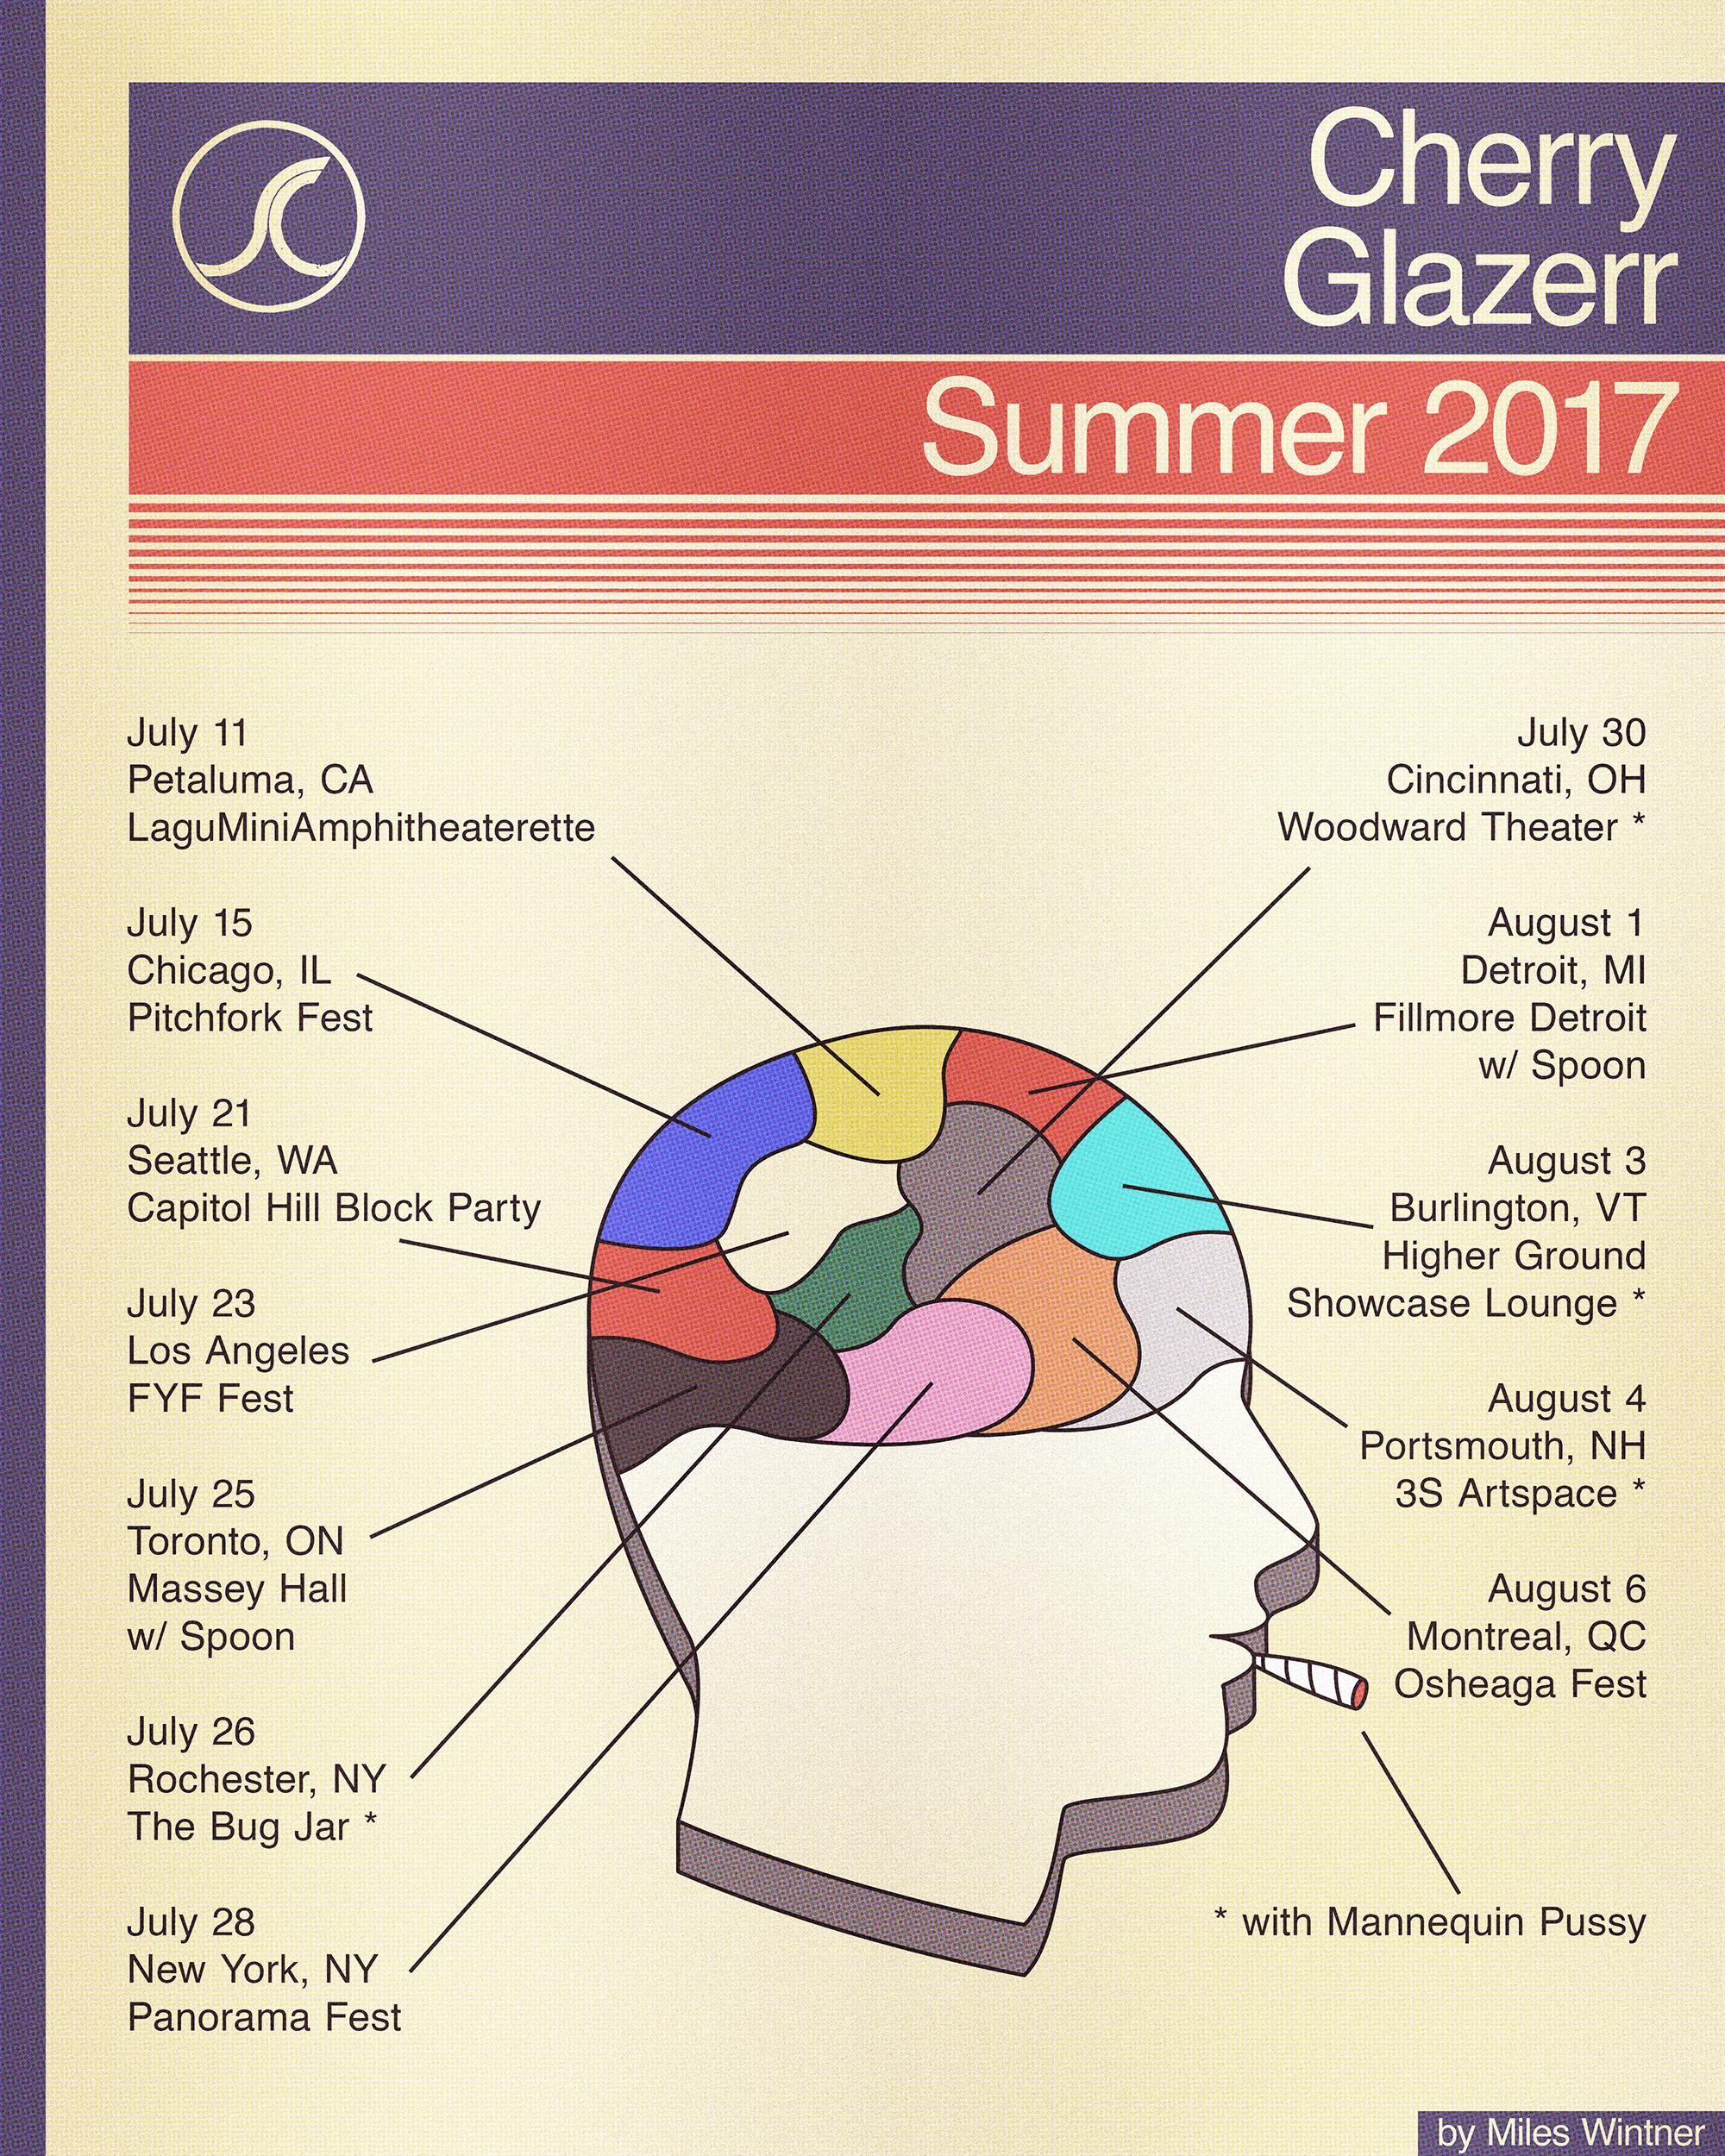 Tour poster for Cherry Glazerr